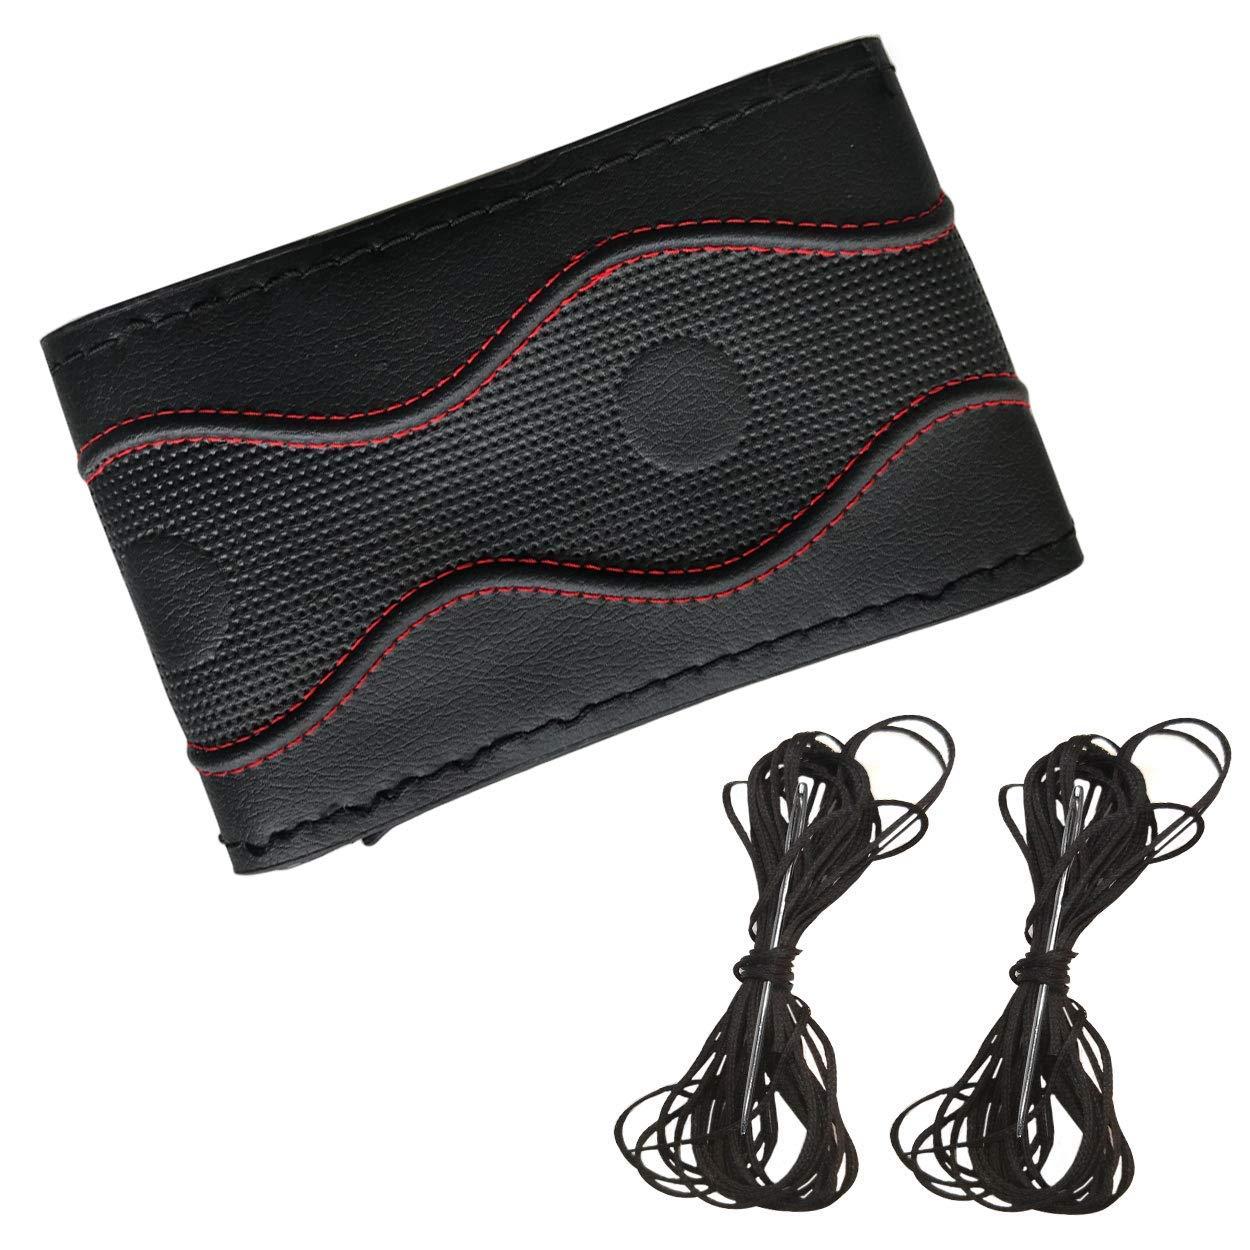 Fundas para volante de coche Cubierta de volante universal del autom/óvil de bricolaje 37-39 cm Antideslizante elegante para trabajo pesado no t/óxico con aguja e hilo